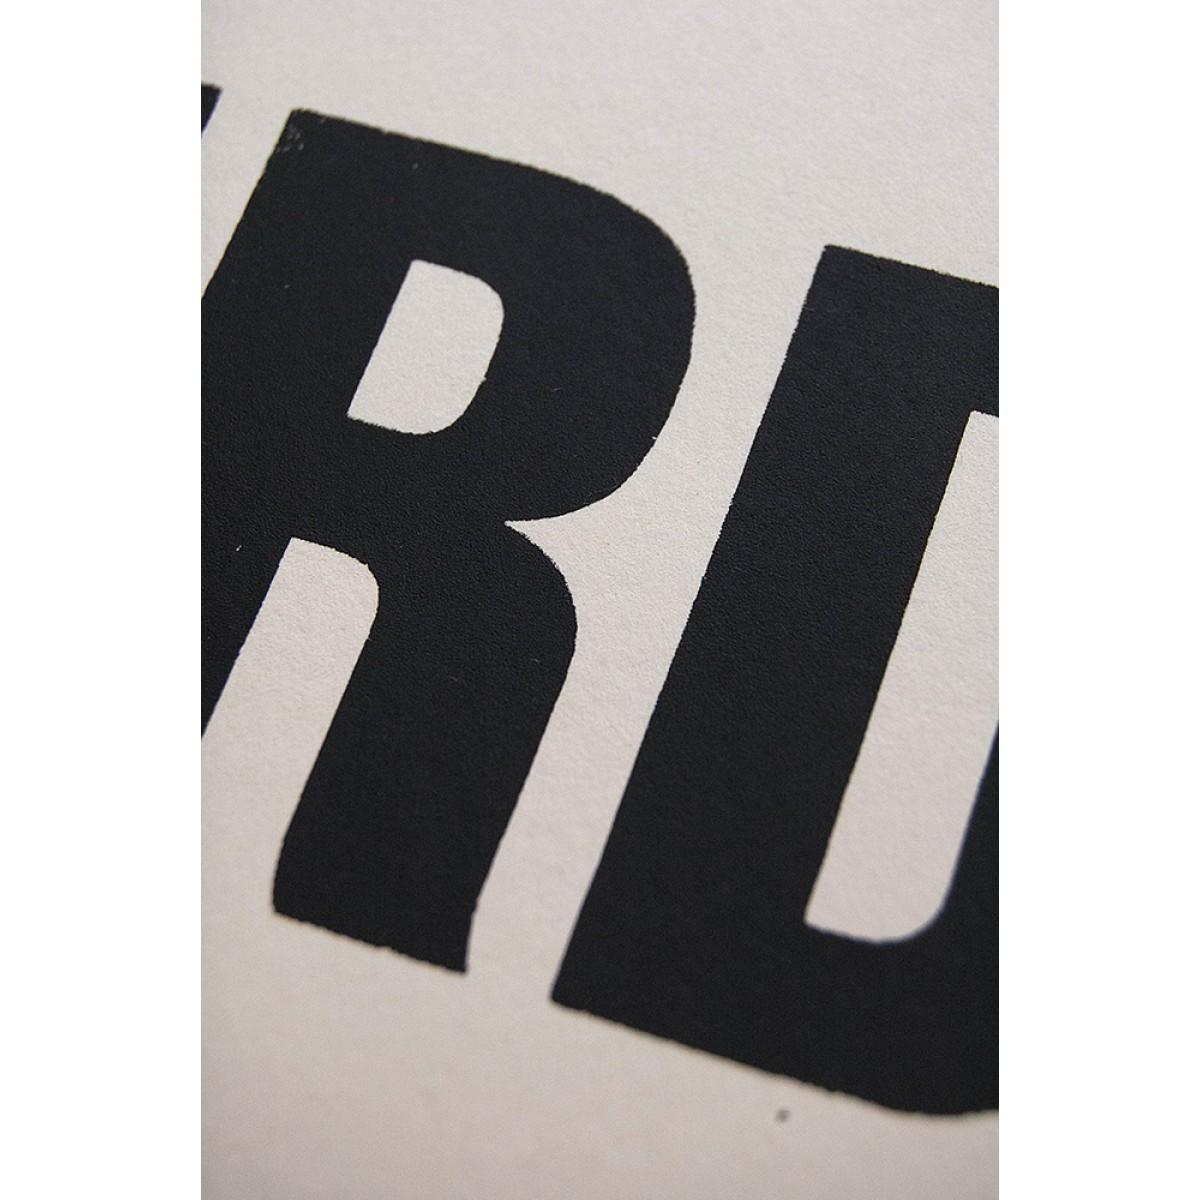 Buchstabenort Amsterdam Stadtteile-Poster Typografie